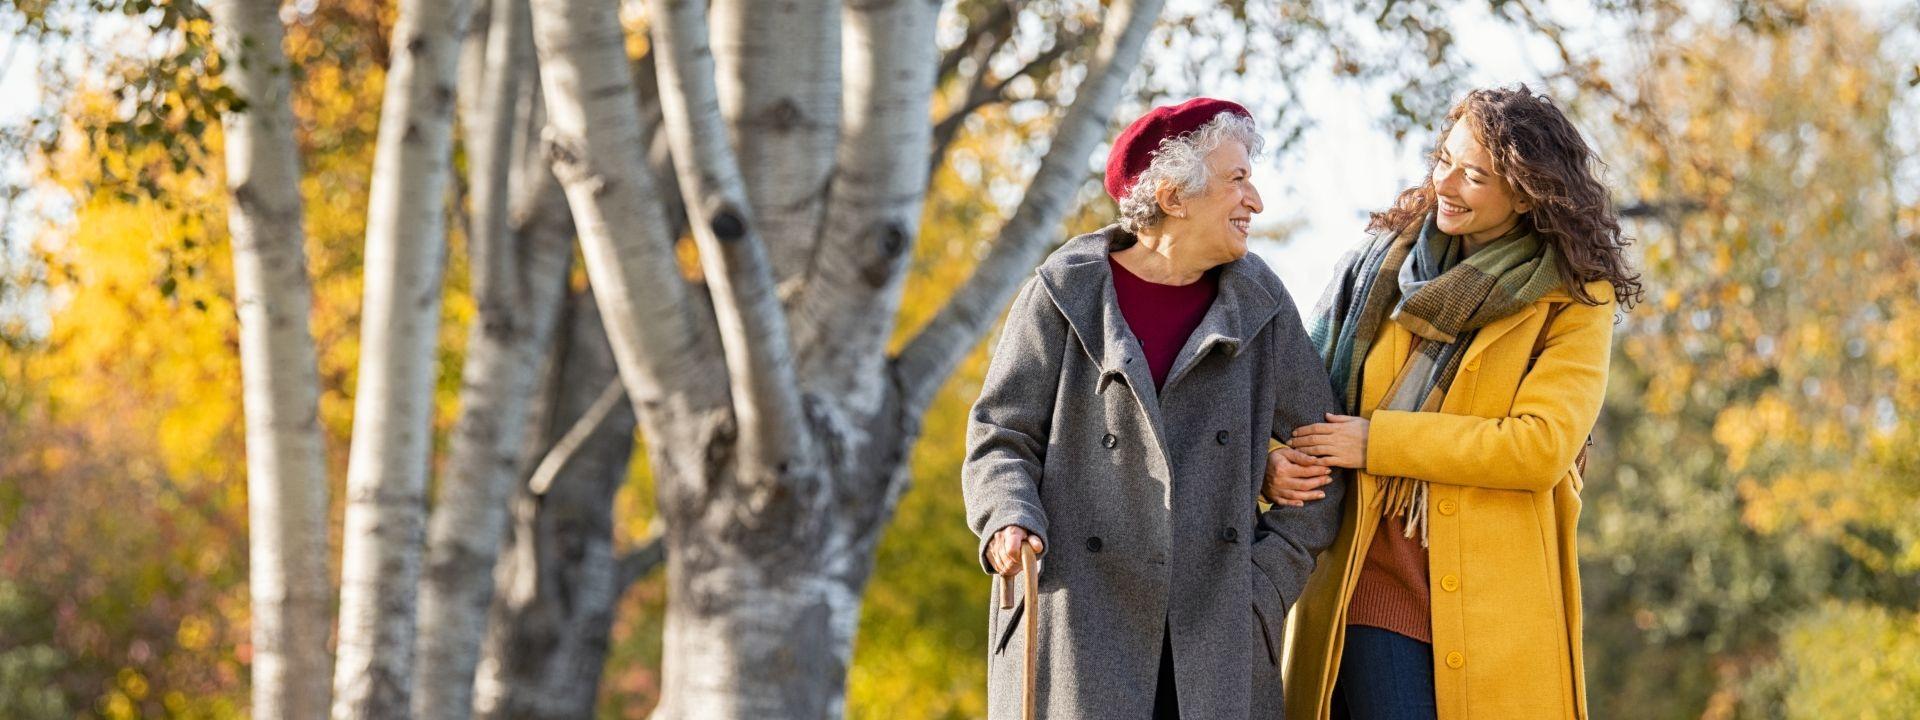 Eine etwa 35 jährige Frau läuft mit einer Seniorin durch die Natur. dabei stützt sie die Seniorin. Beide schauen sich an und lächeln.